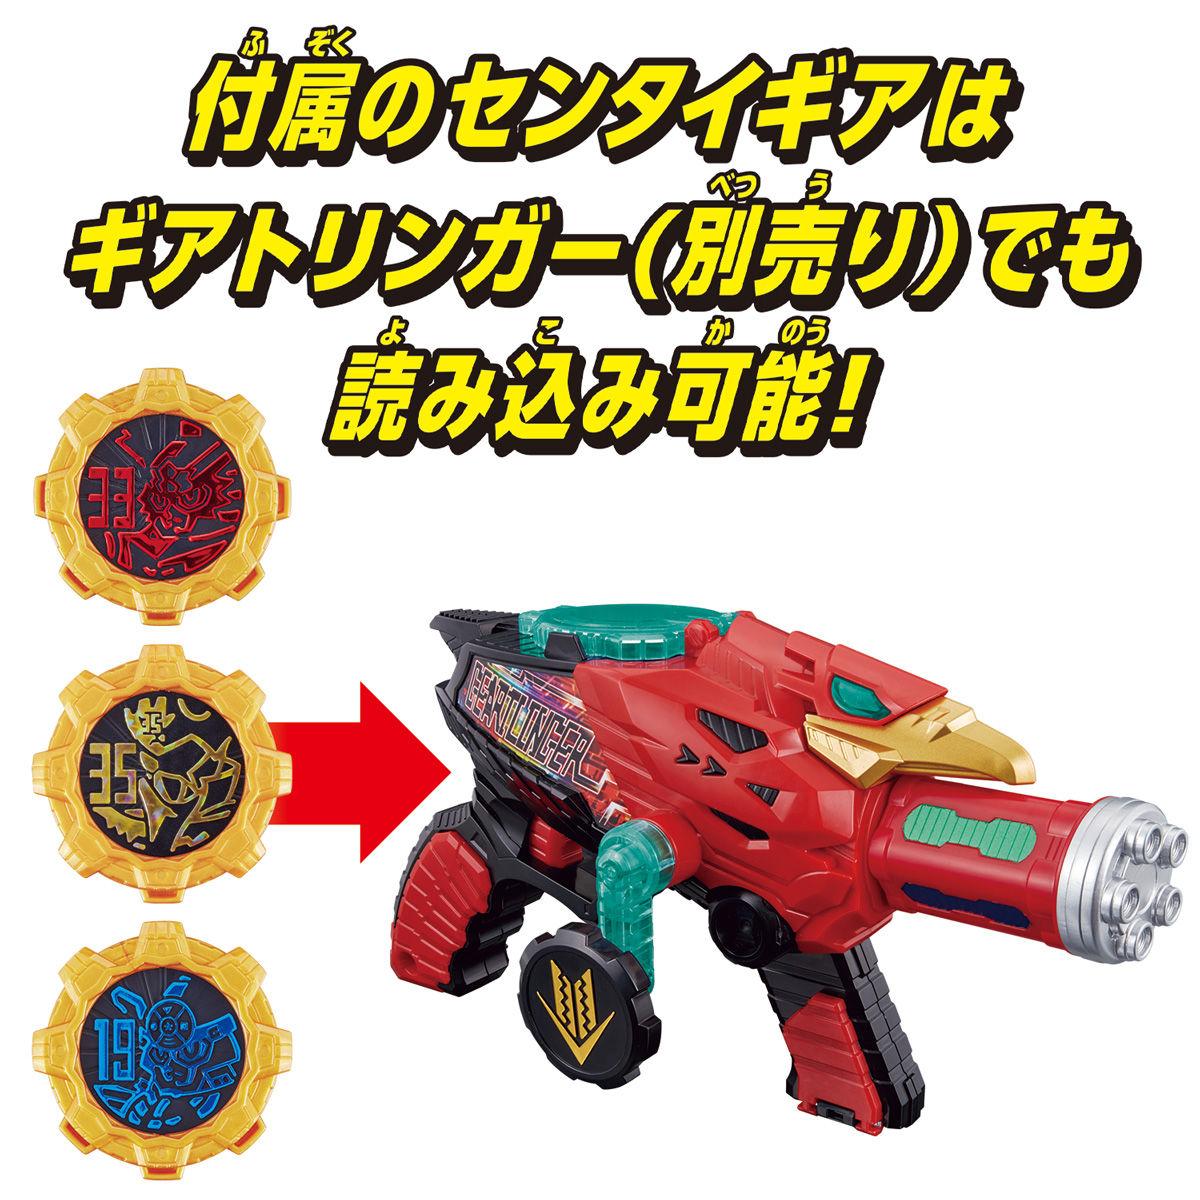 機界戦隊ゼンカイジャー『界賊変身 DXギアダリンガー』変身なりきり-014